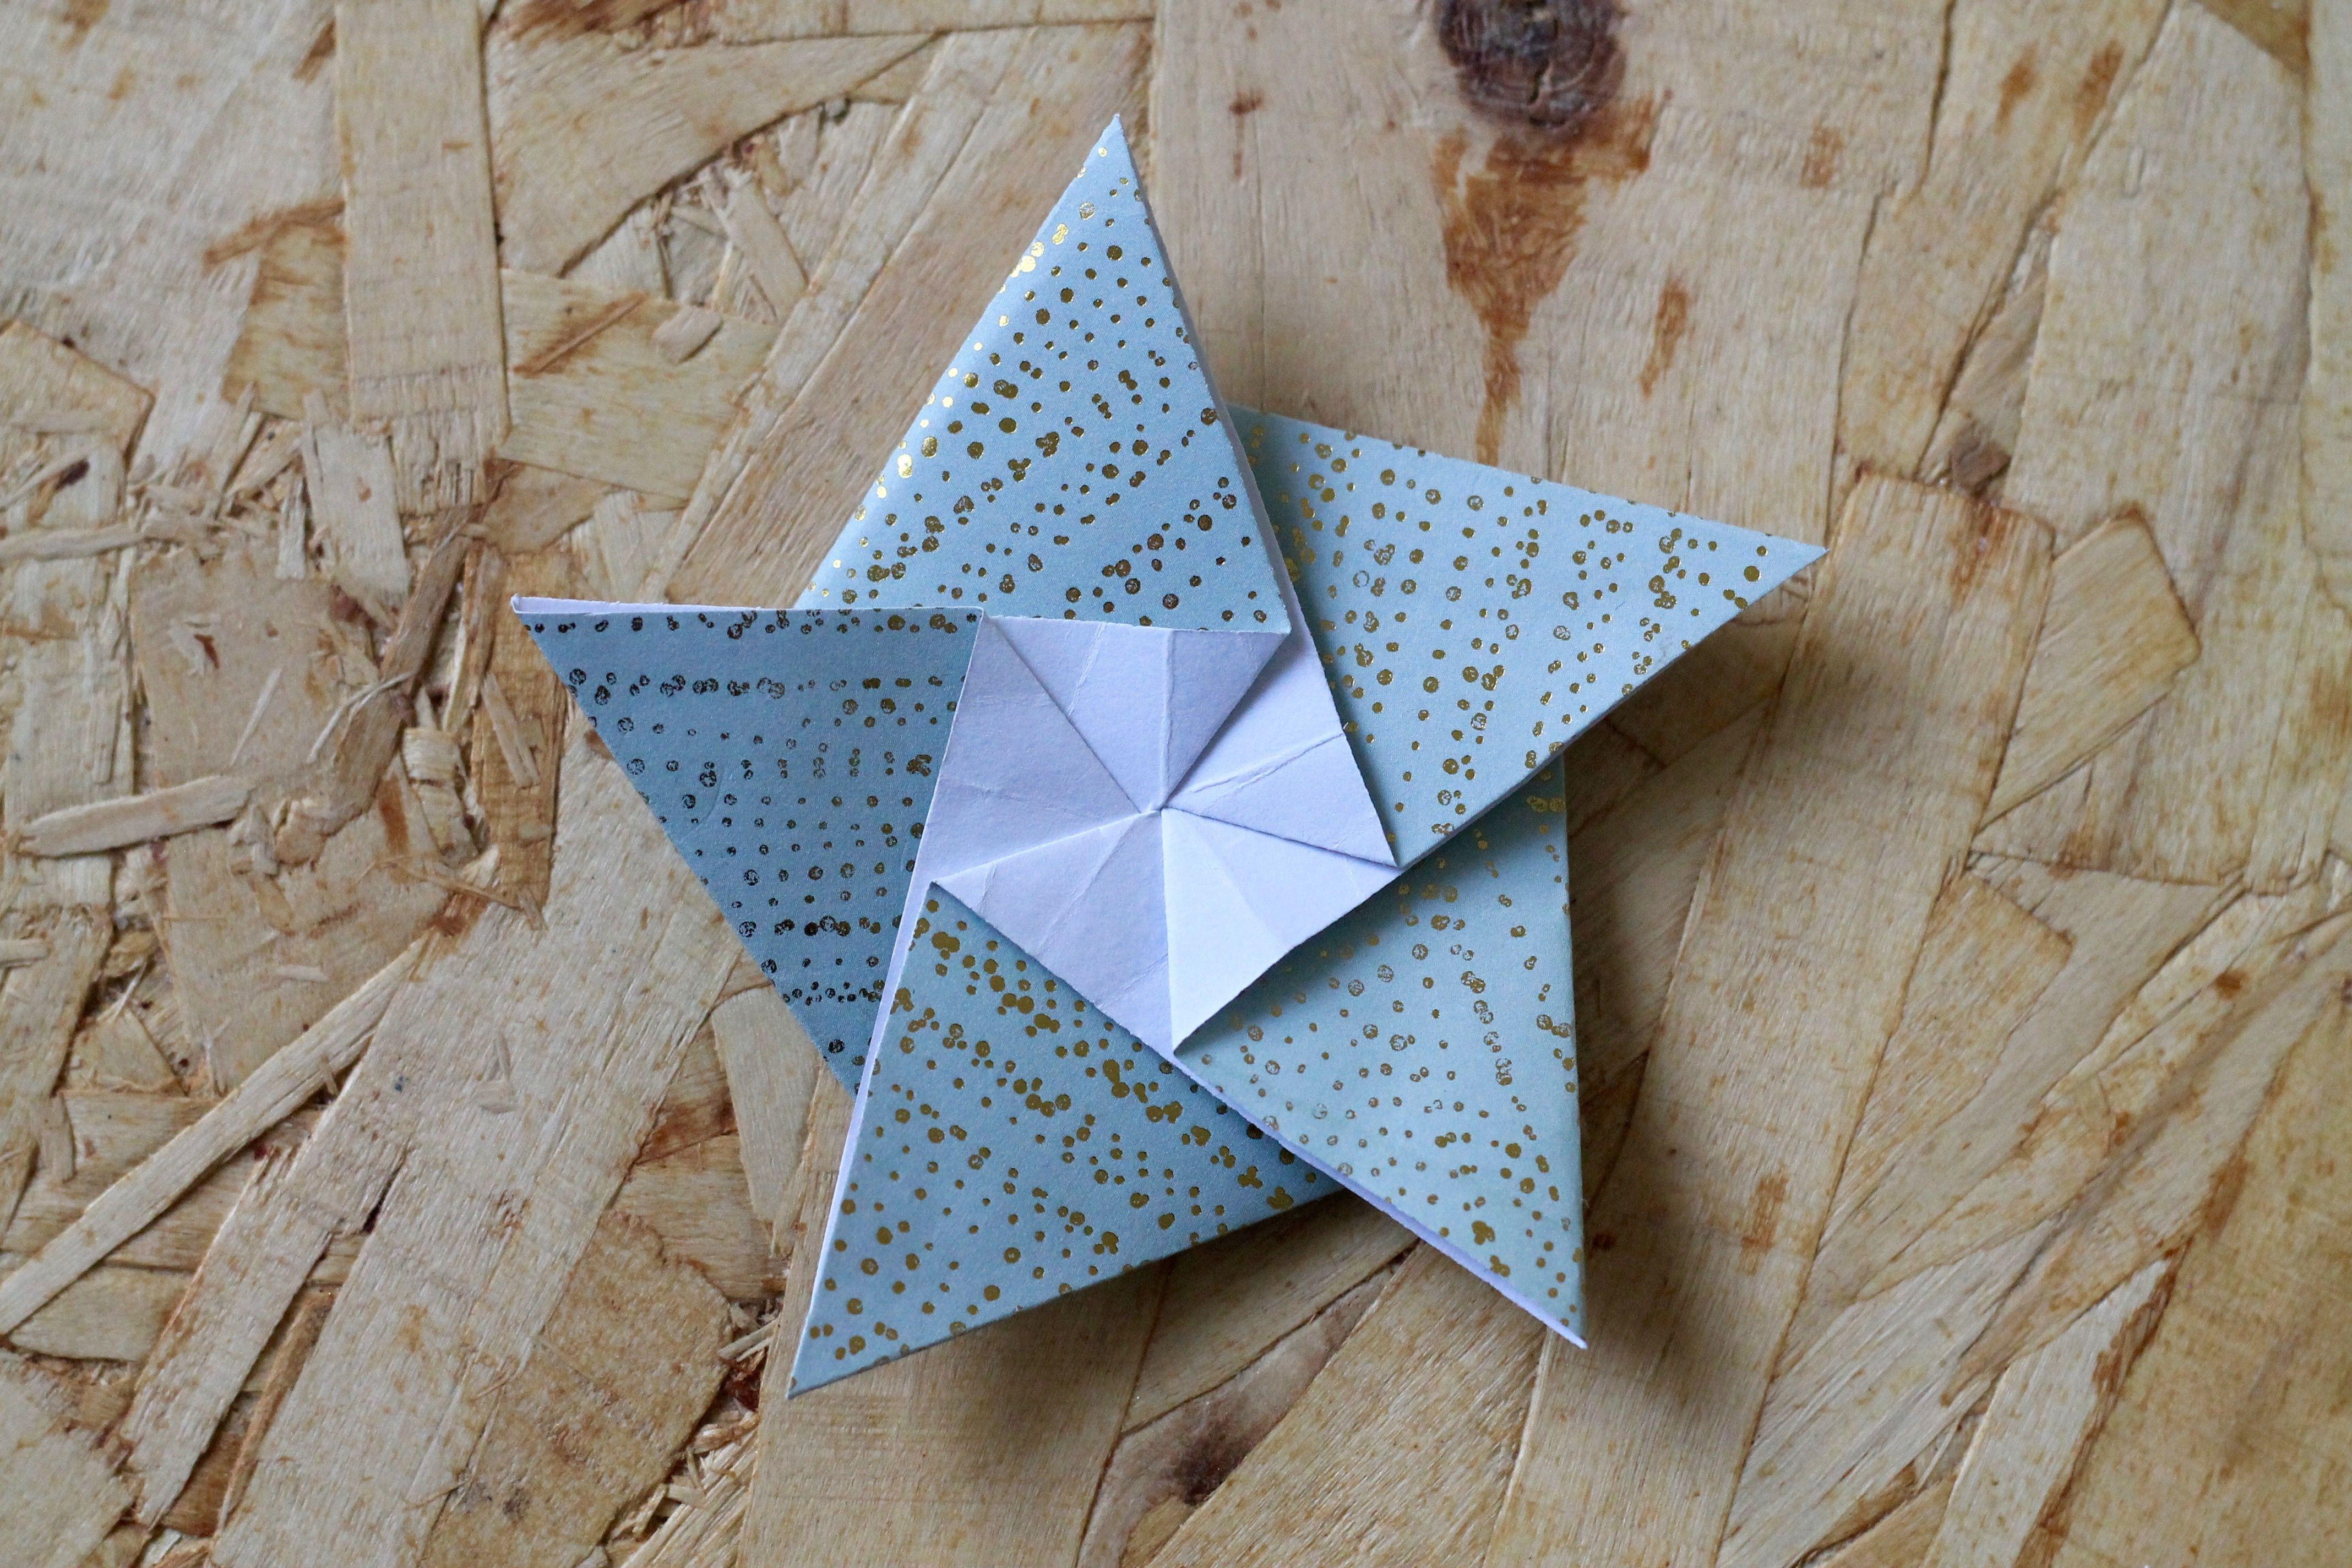 foldede stjerner